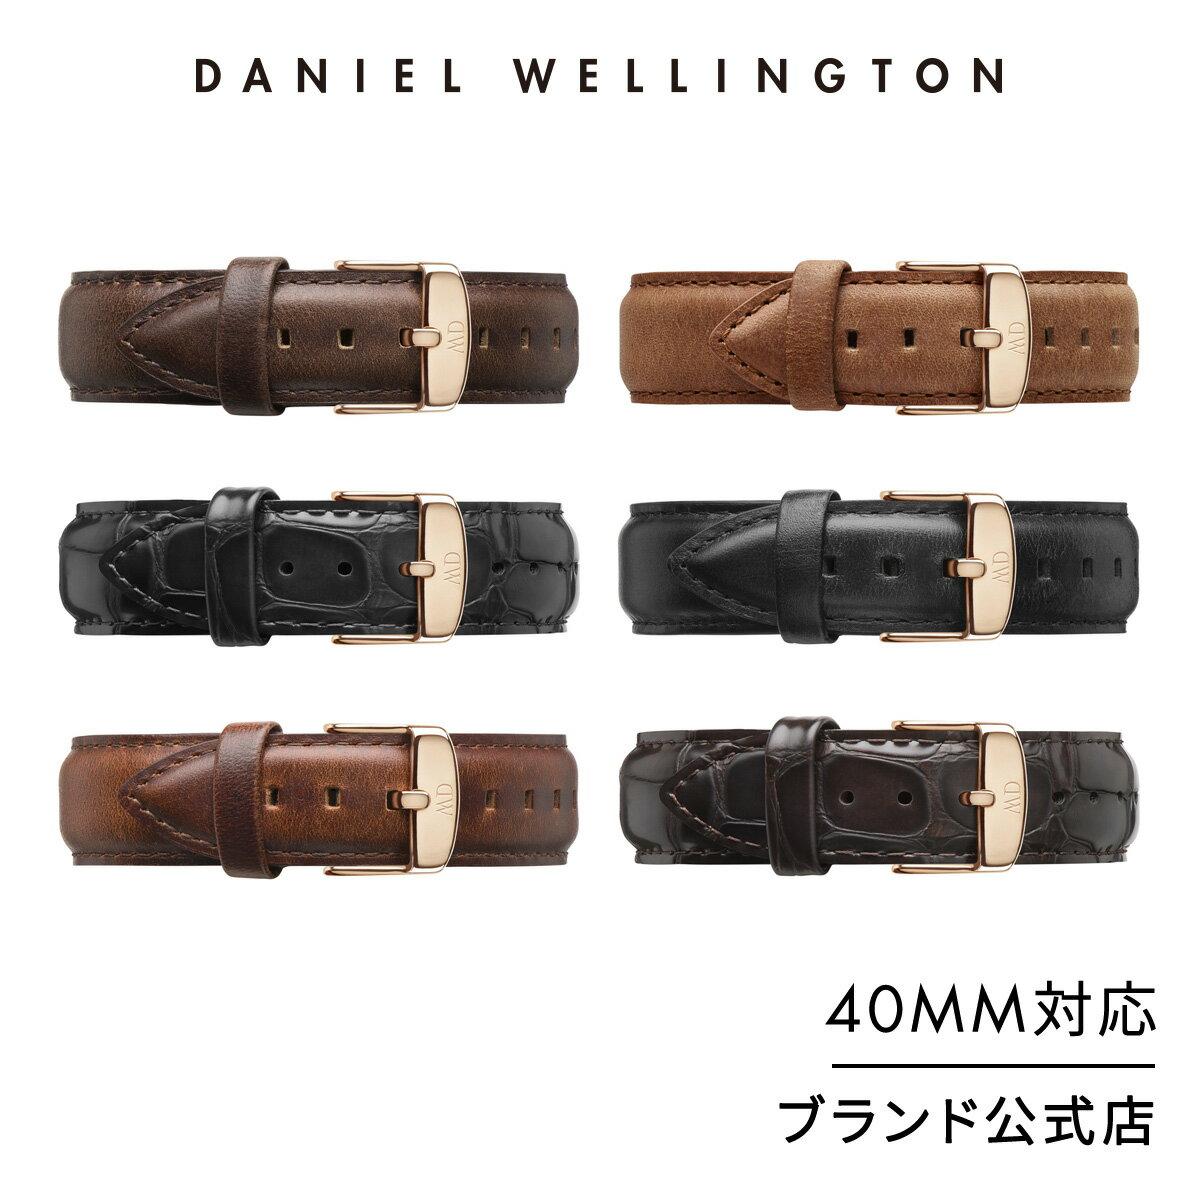 【公式2年保証/送料無料】ダニエルウェリントン公式 交換ストラップ/ベルト Classic Collection Strap 20mm (革タイプ)(40mmシリーズ対応) メンズ クラシック DW プレゼント おしゃれ インスタ映え ブランド 彼女